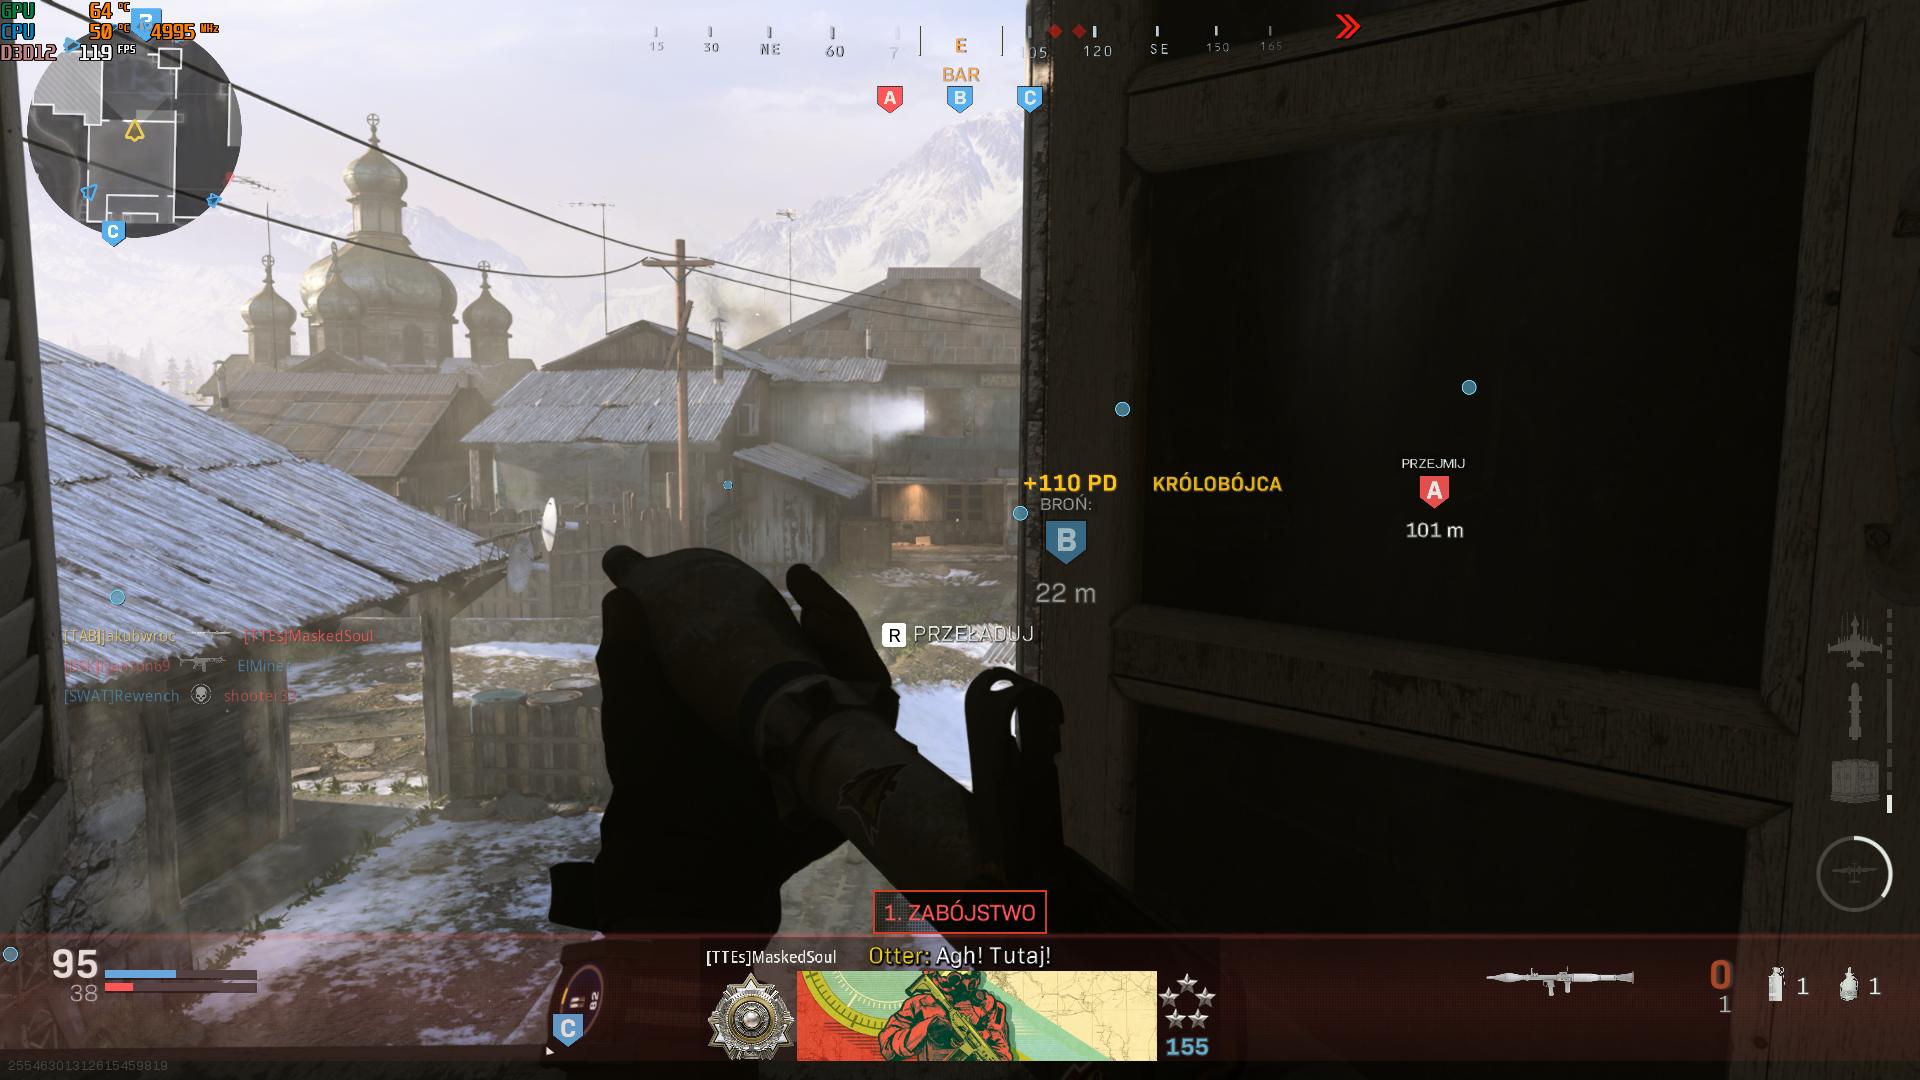 Sprawdź bezpłatnie tryb wieloosobowy Call of Duty: Modern Warfare